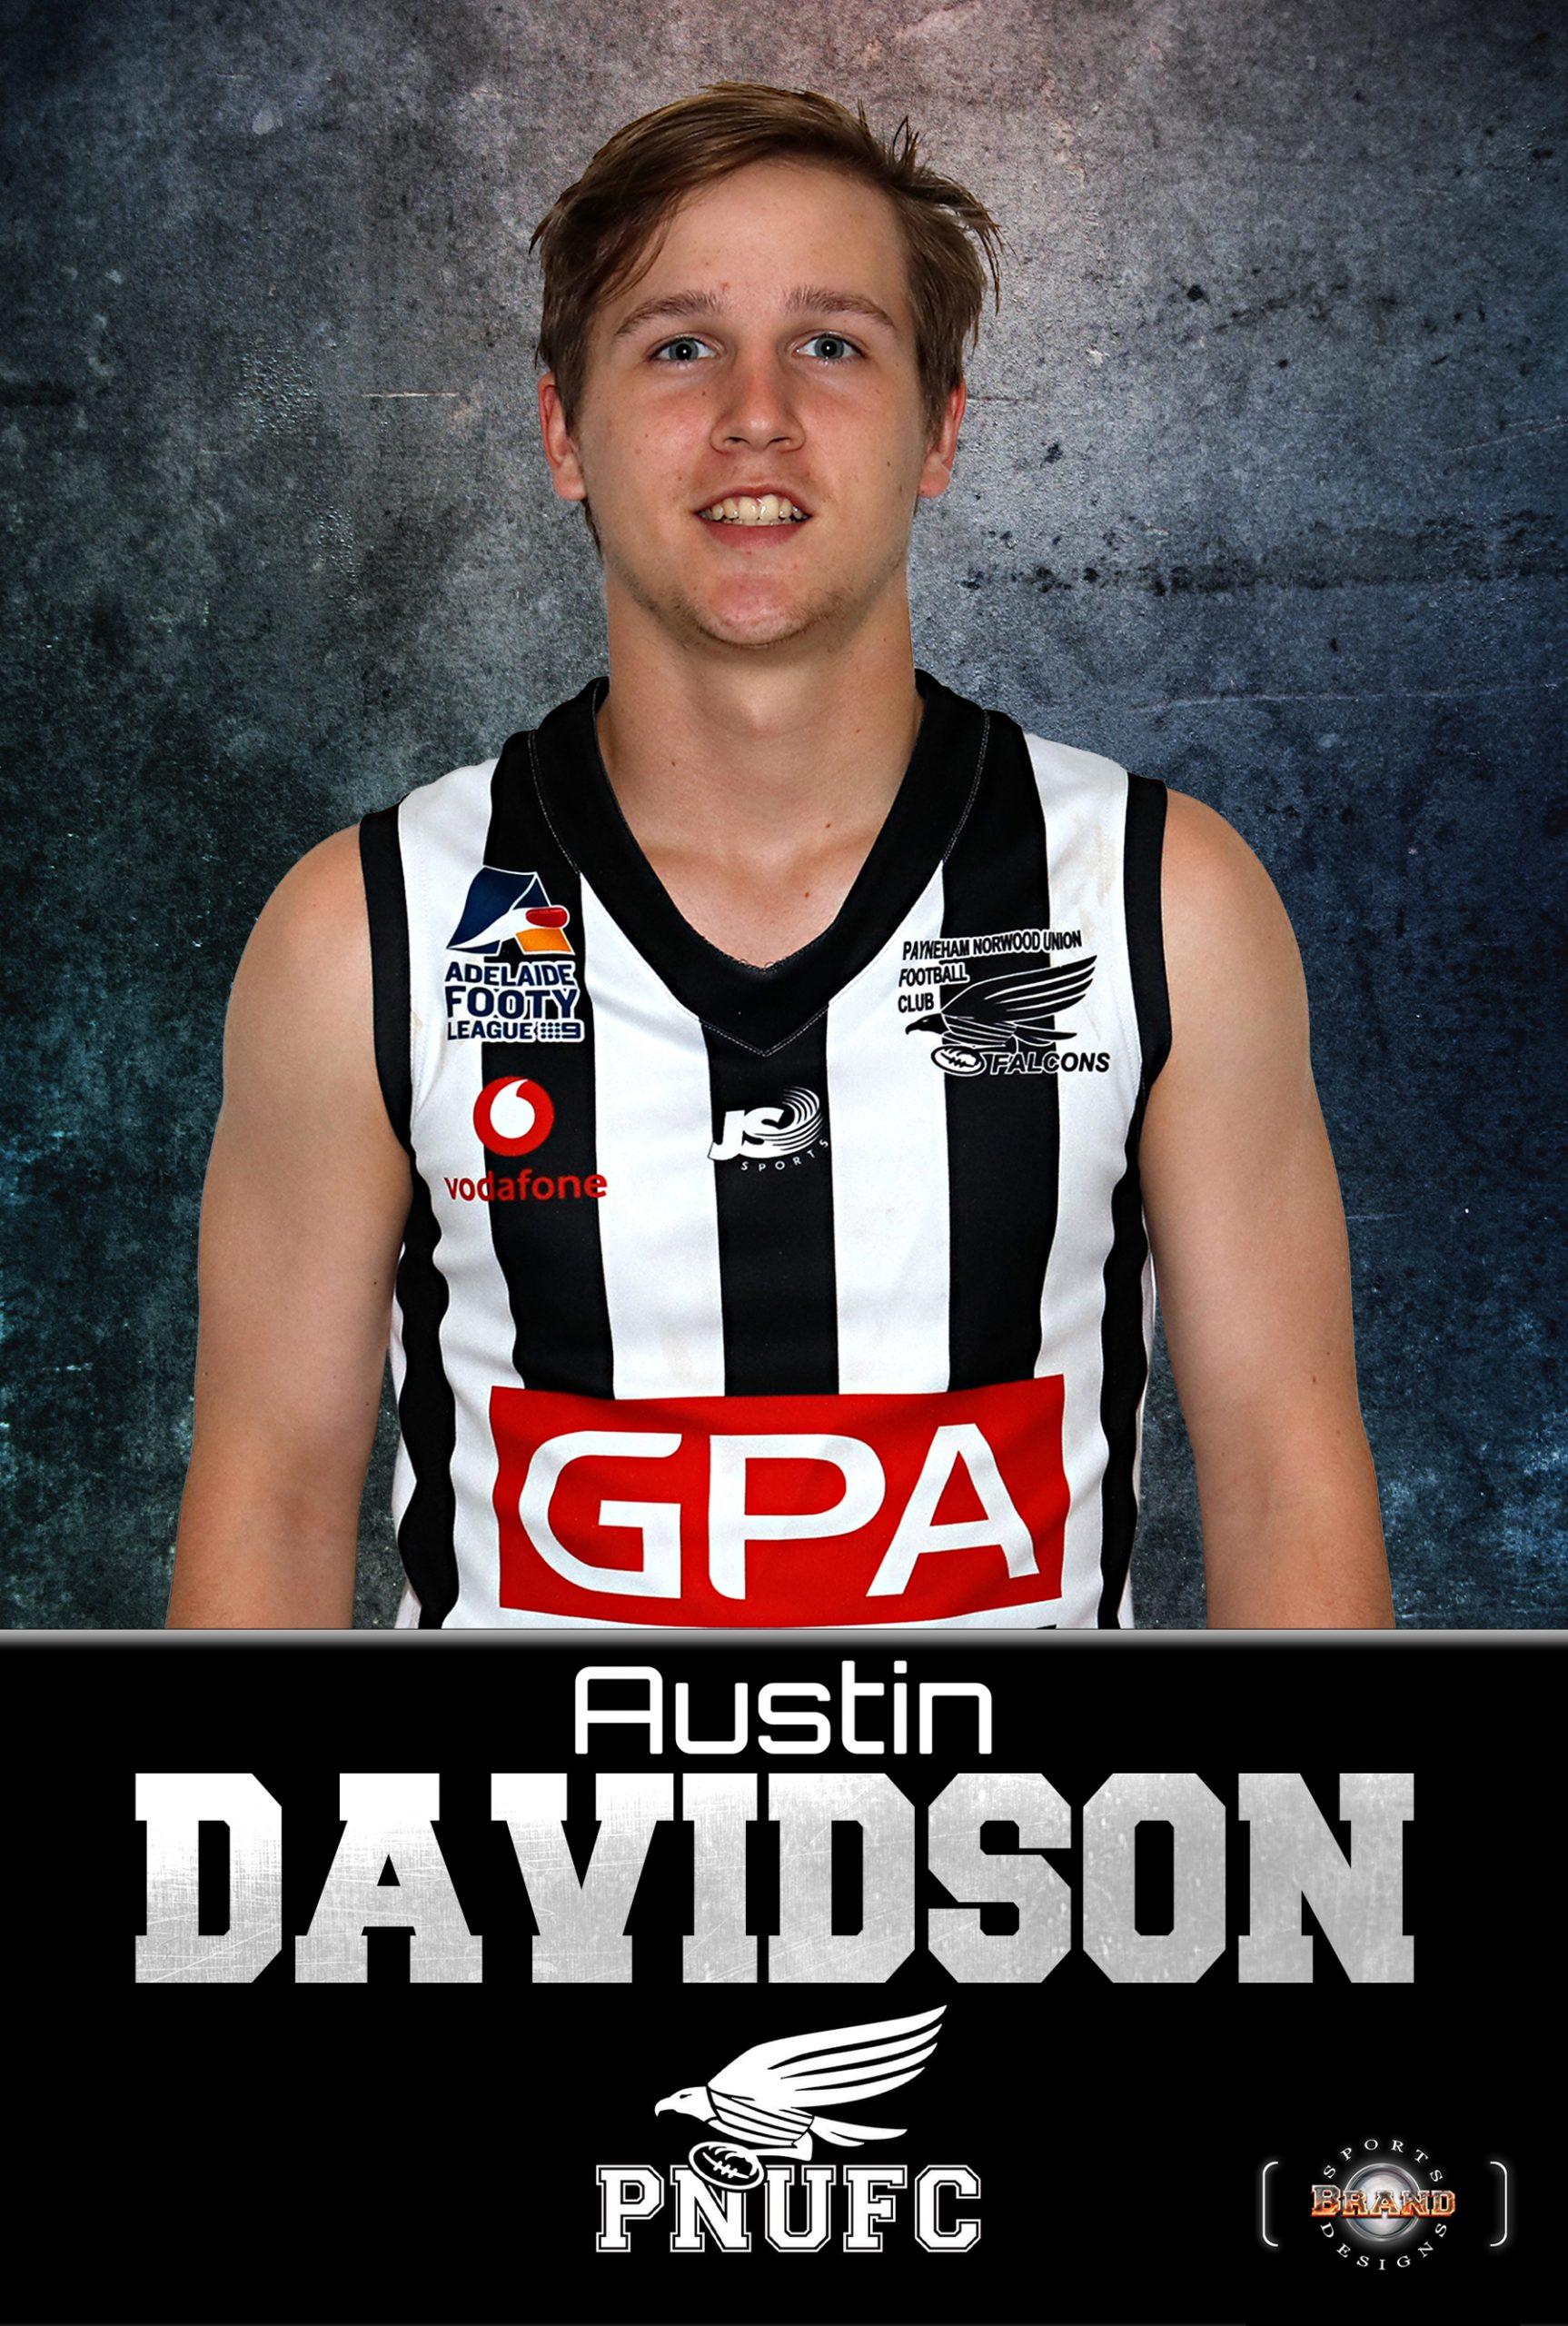 Austin Davidson